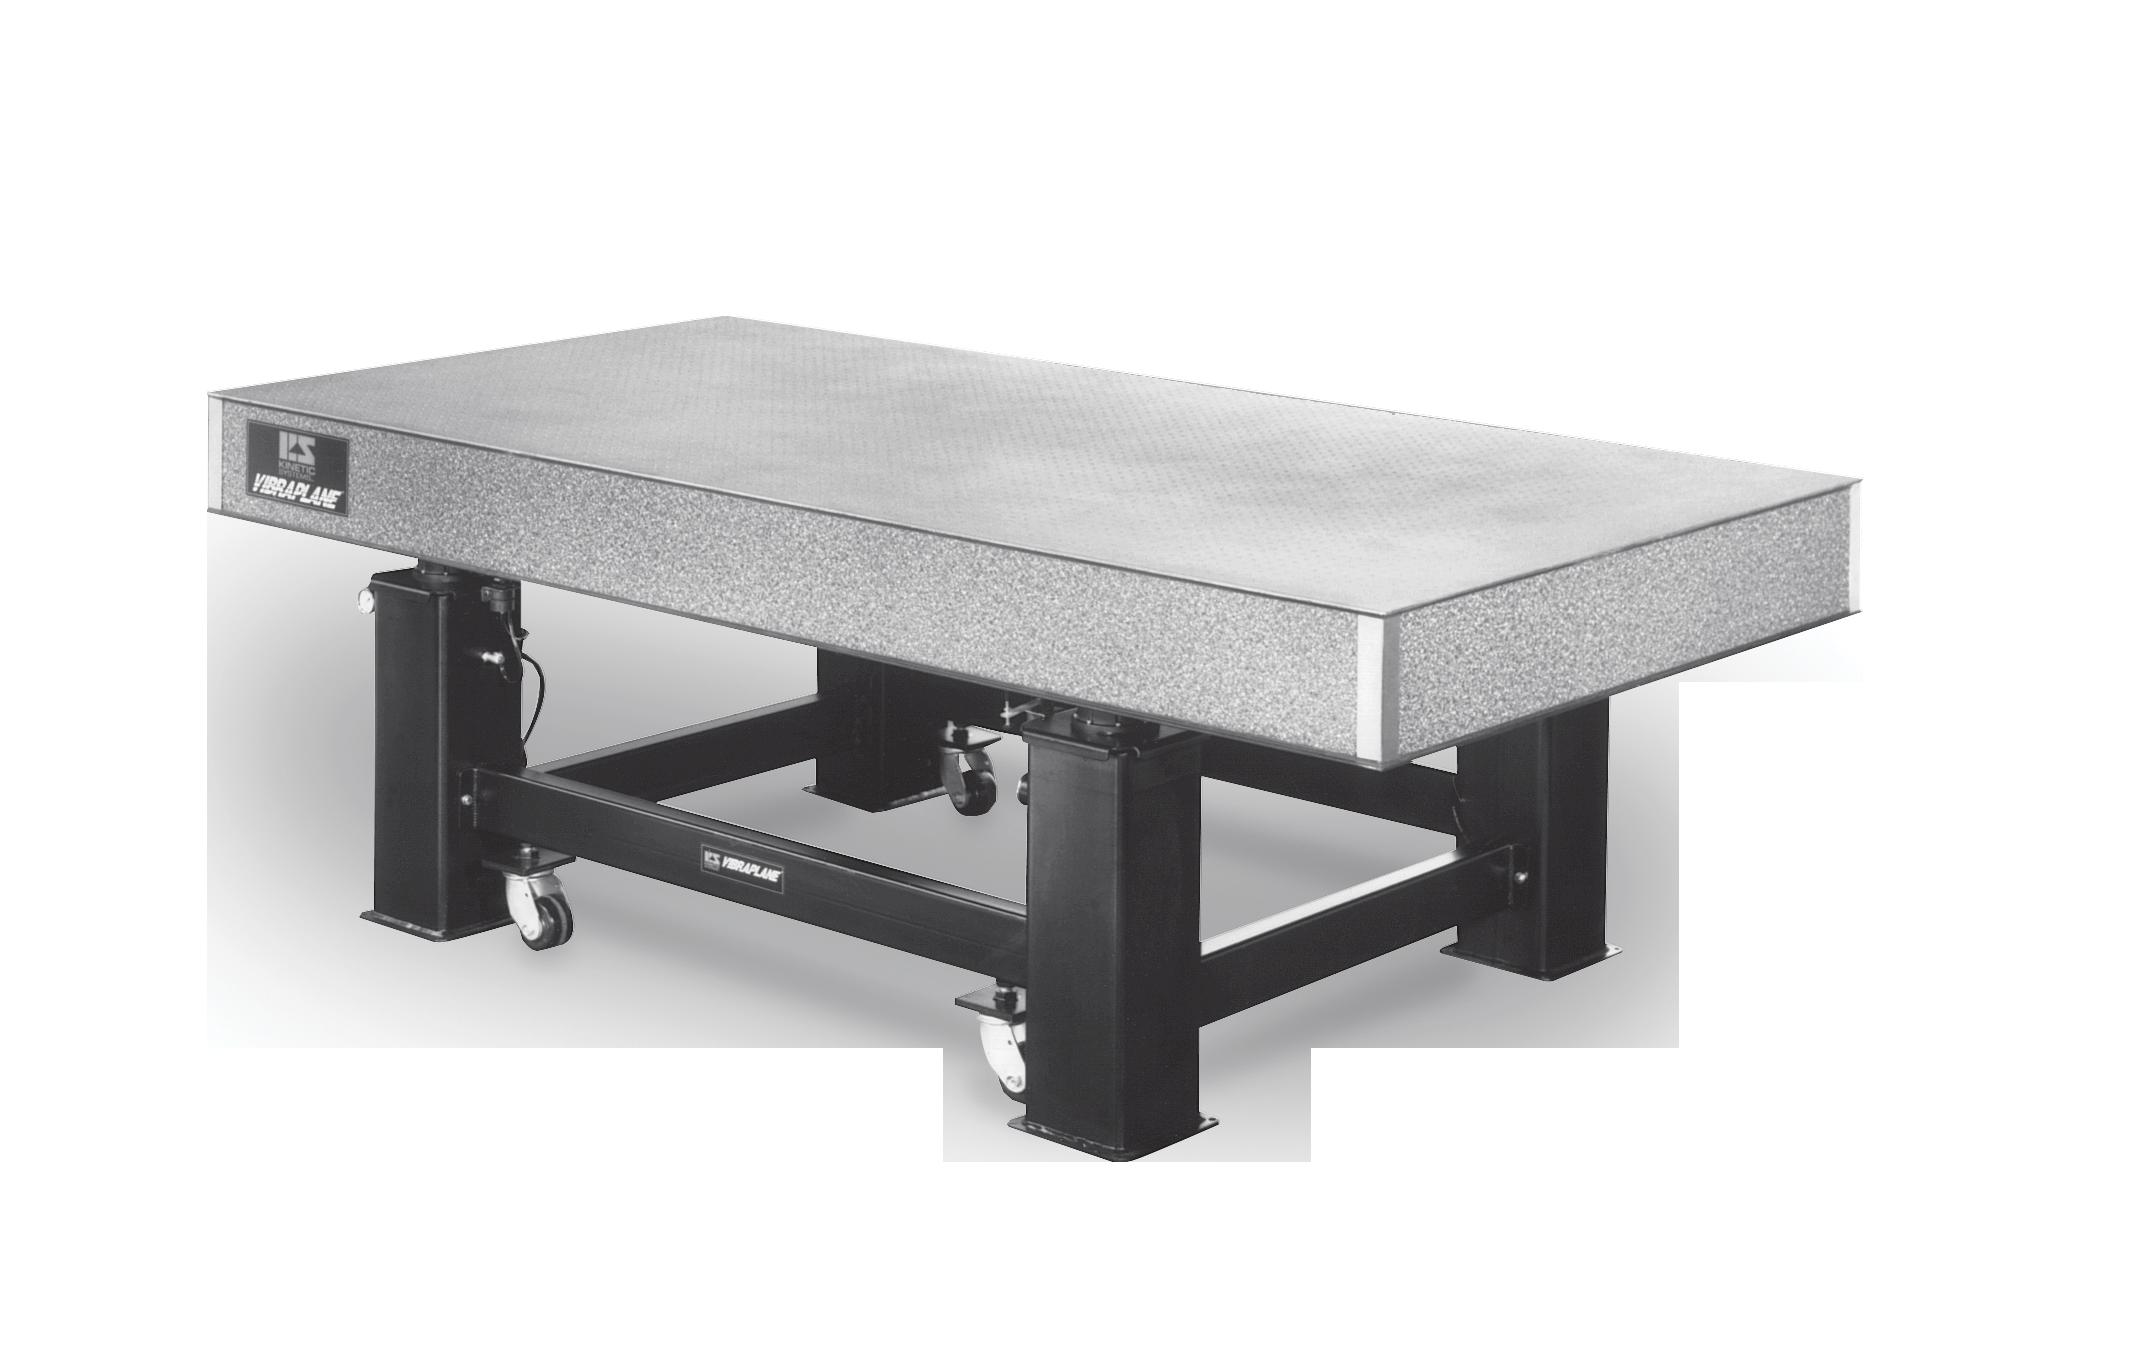 Spillpruf Optical Table